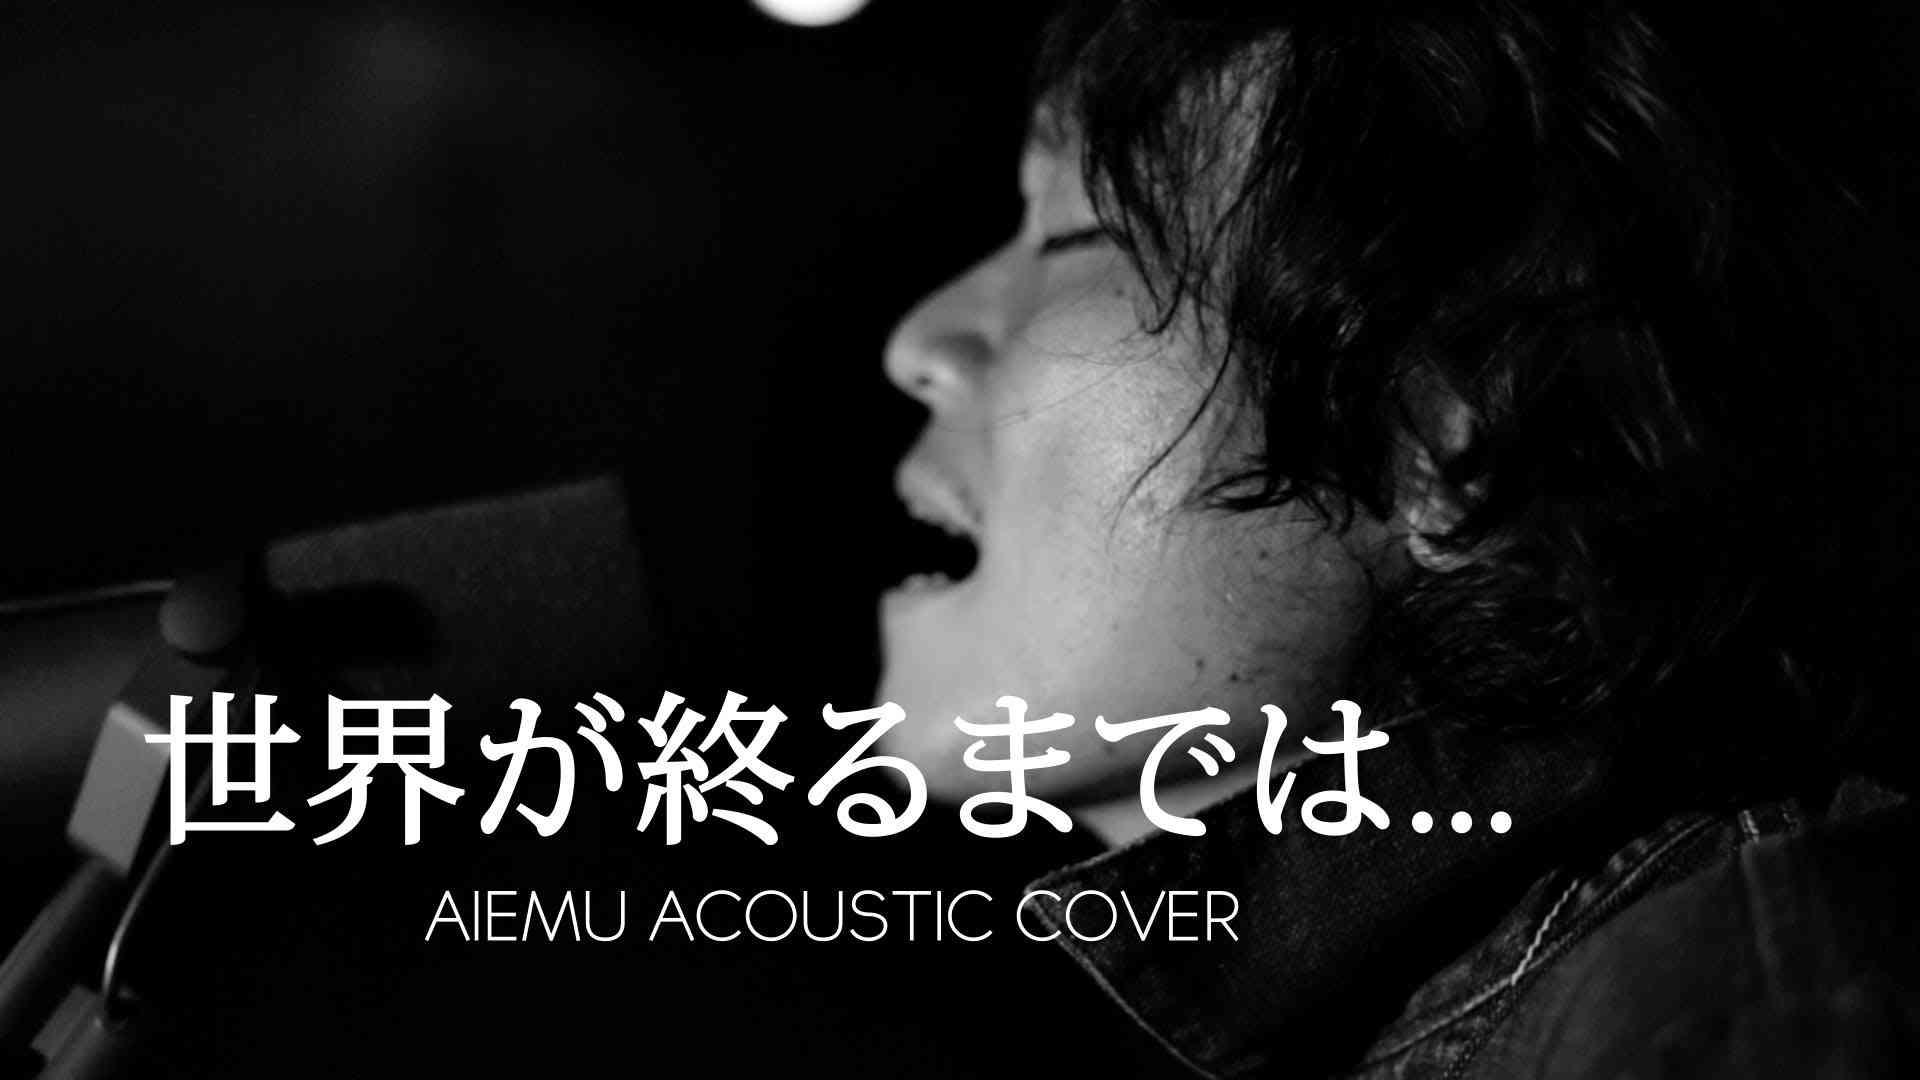 世界が終るまでは... - WANDS(愛笑む acoustic cover) - YouTube